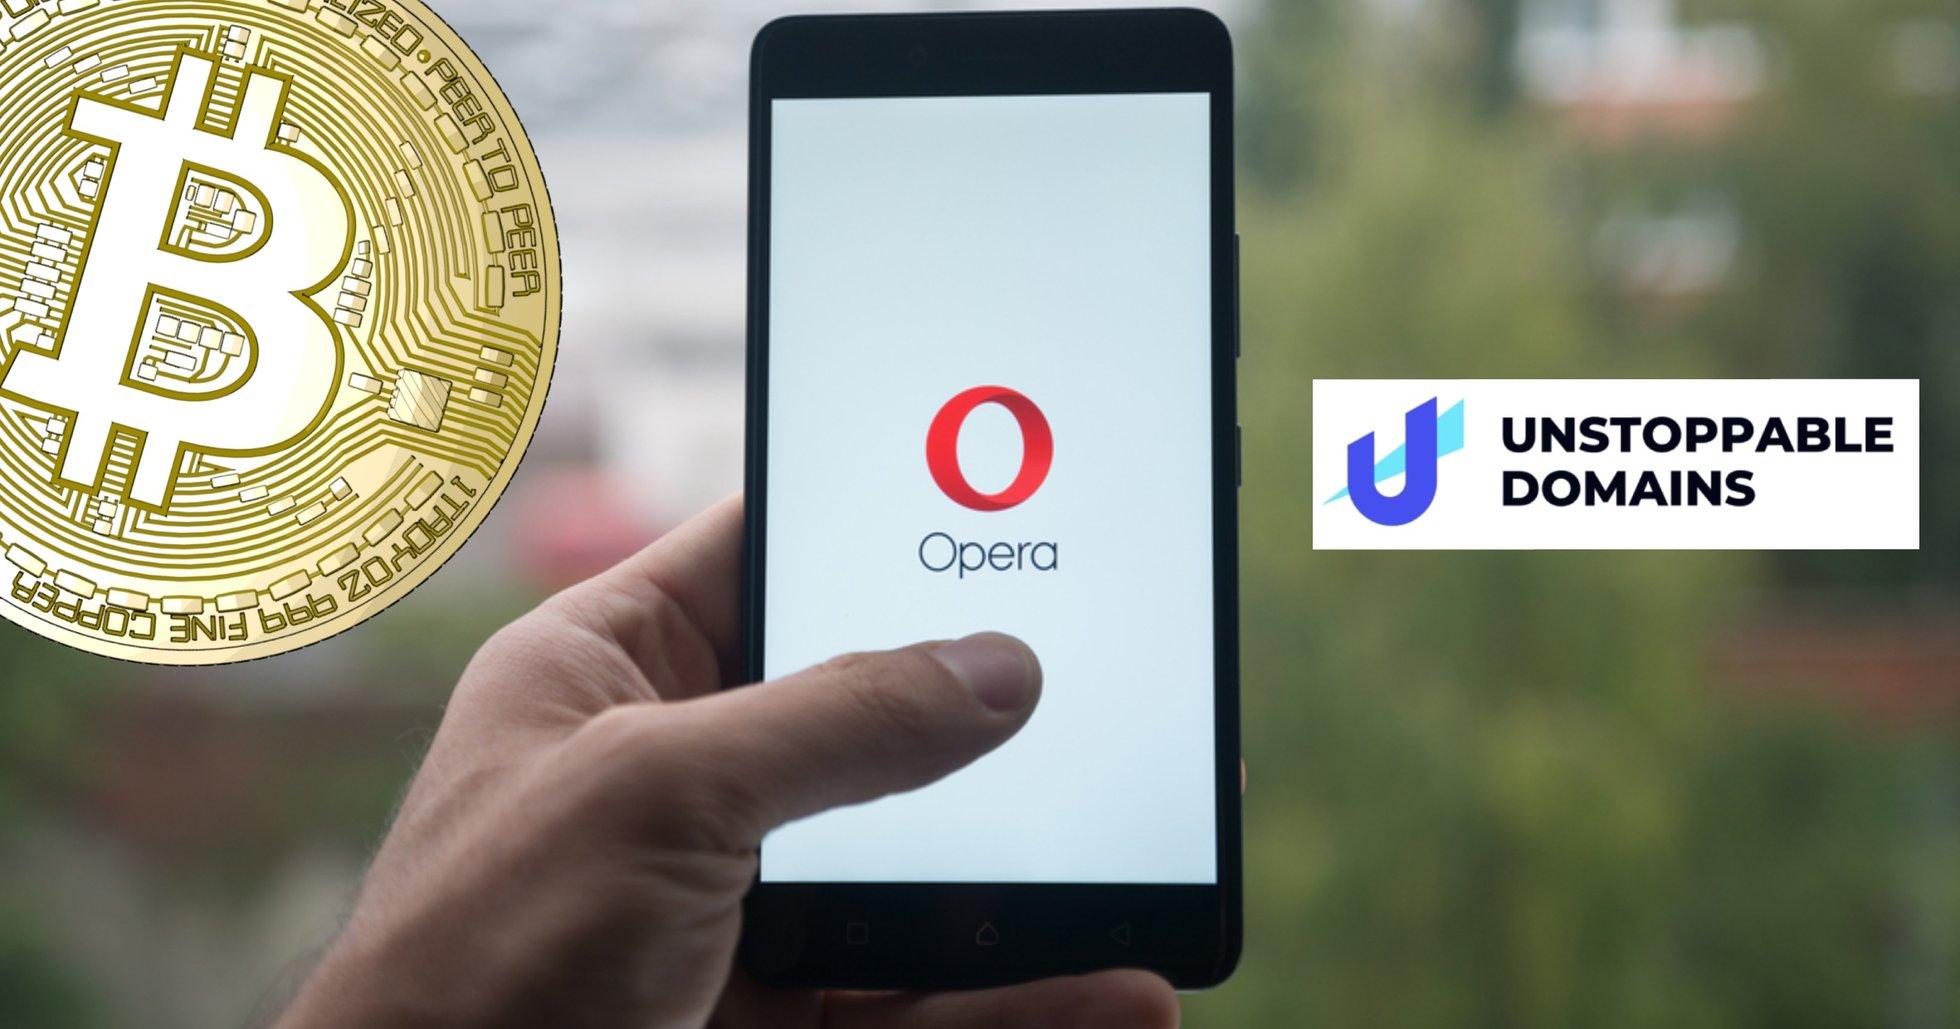 Webbläsaren Opera inleder samarbete med kryptoföretag – ska tillåta p2p-adresser